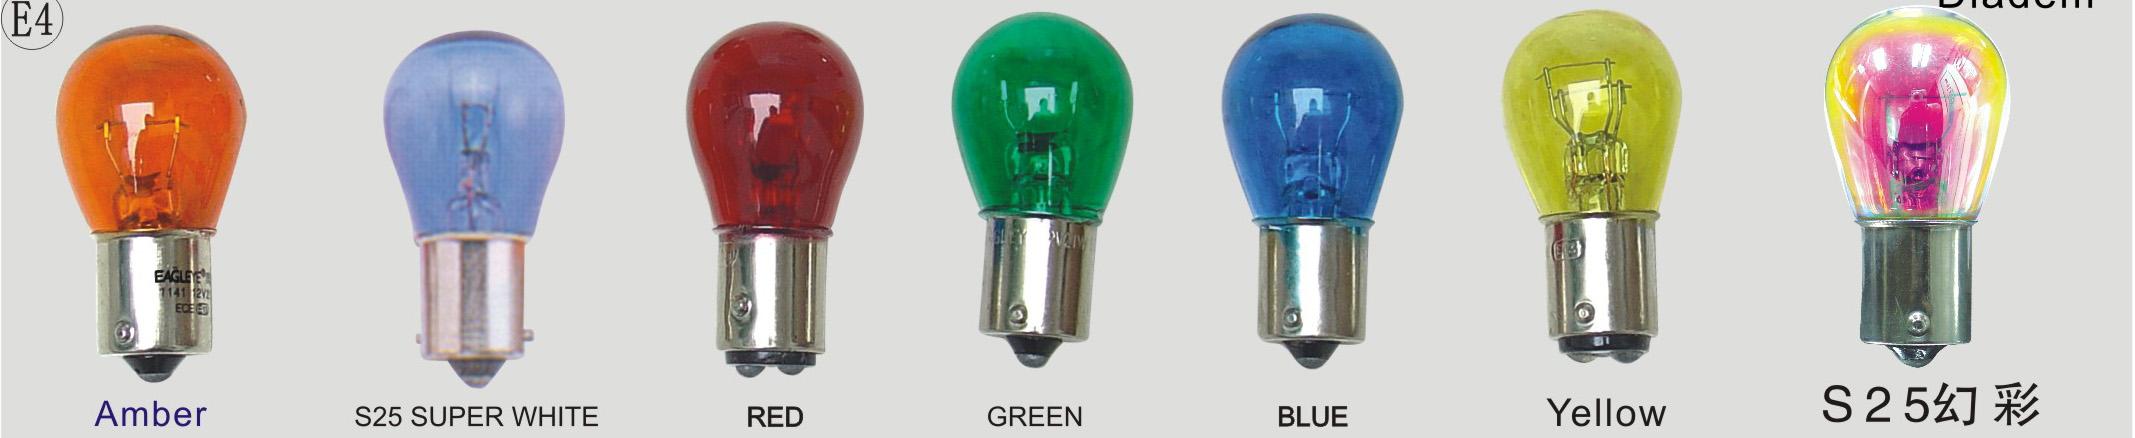 中灯 转弯信号灯s25 p21w  产品:s25   产品用途:s25产品属于汽车指示